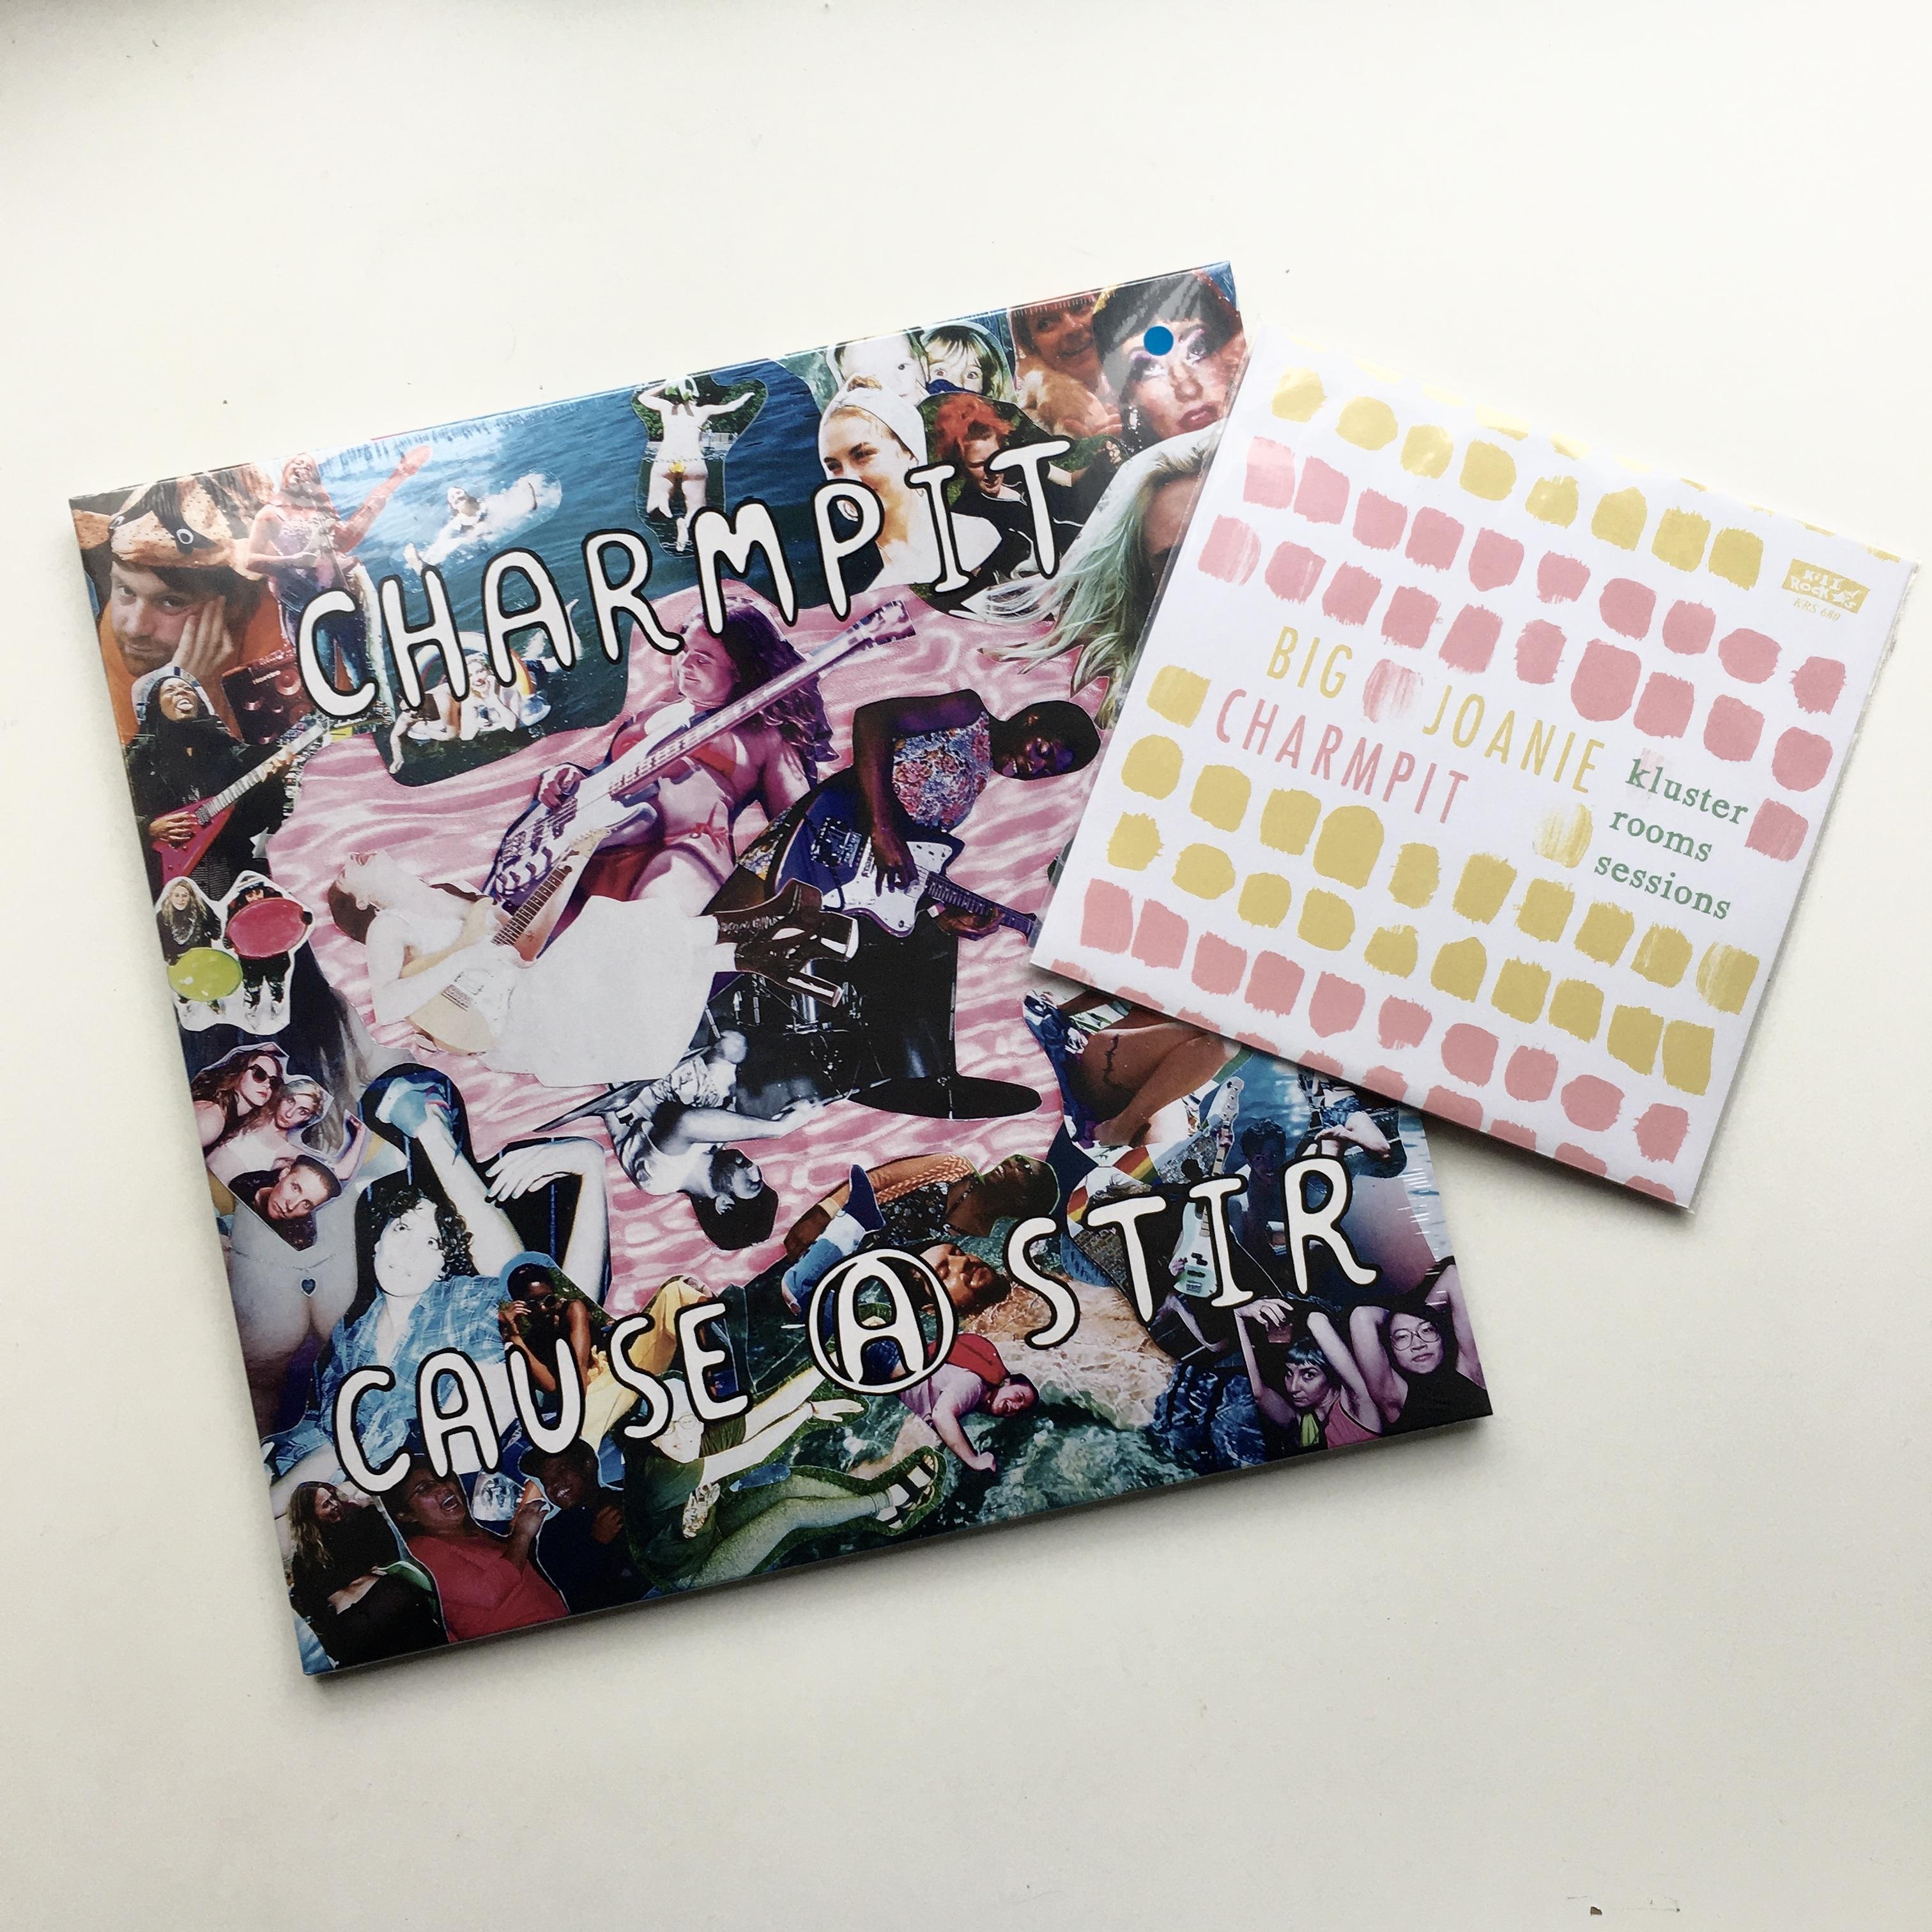 Charmpit - Cause A Stir LP & Big Joanie - Split 7